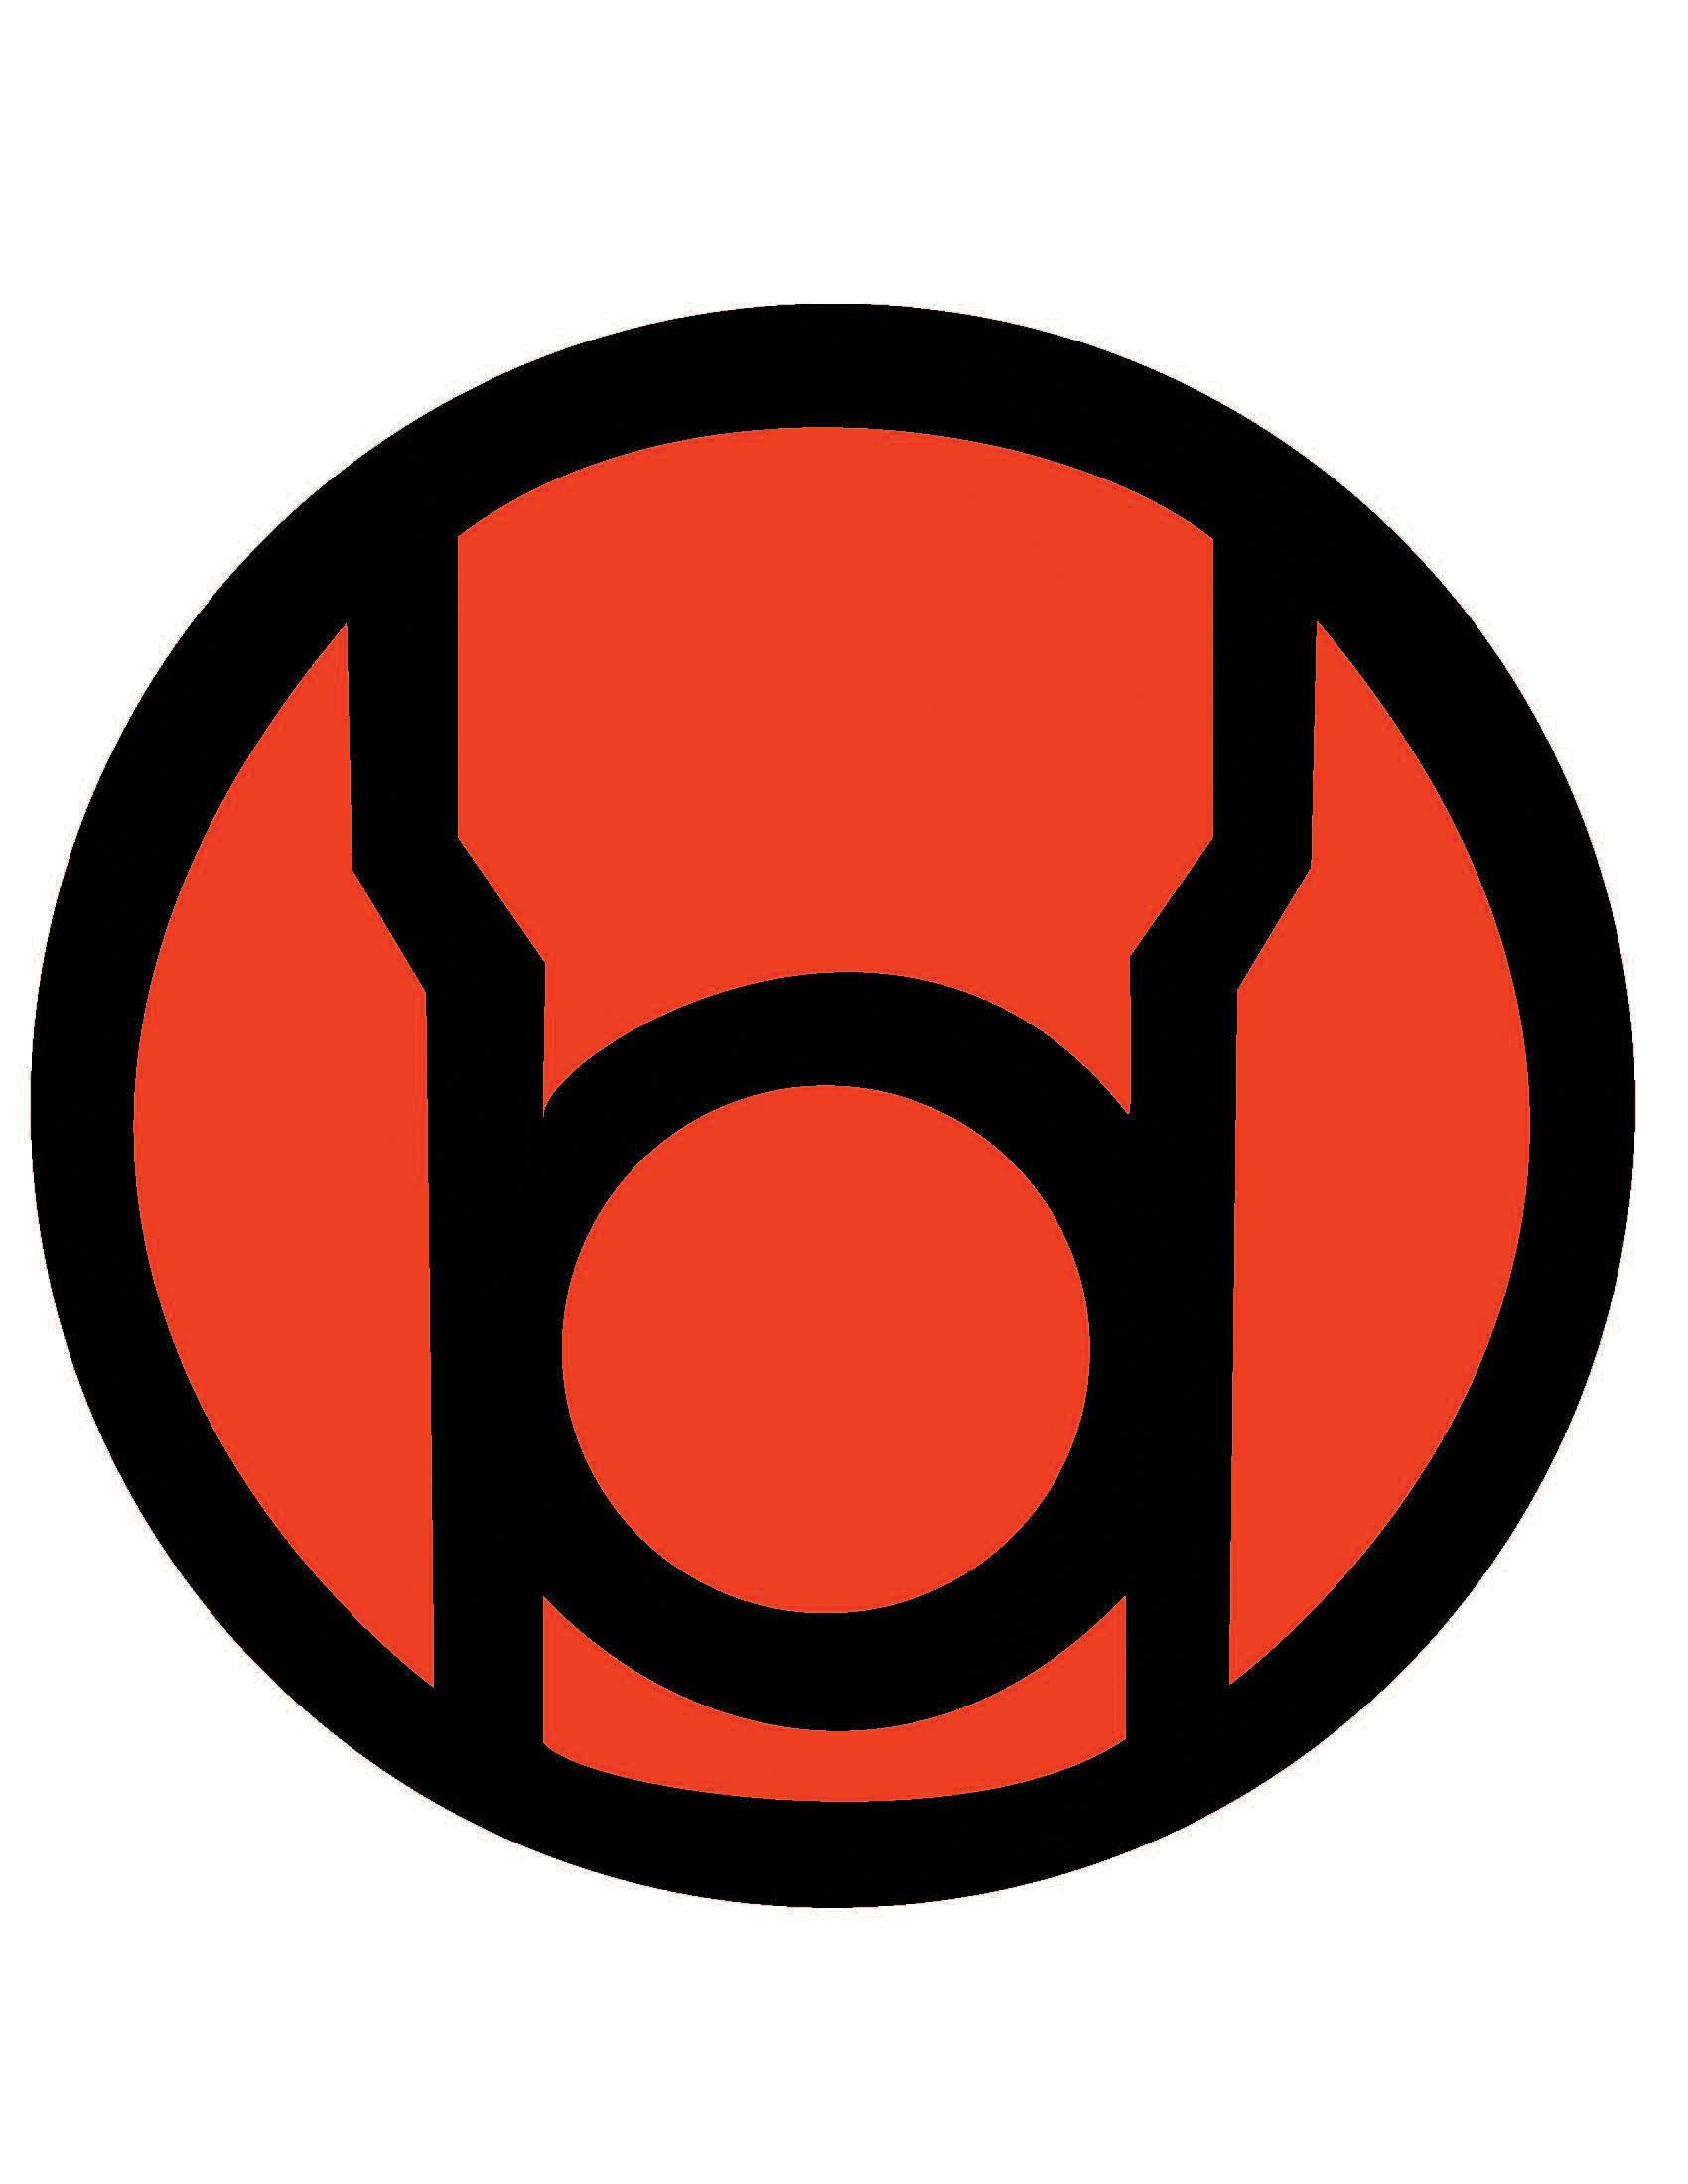 red lantern symbol by usagimomiji on deviantart